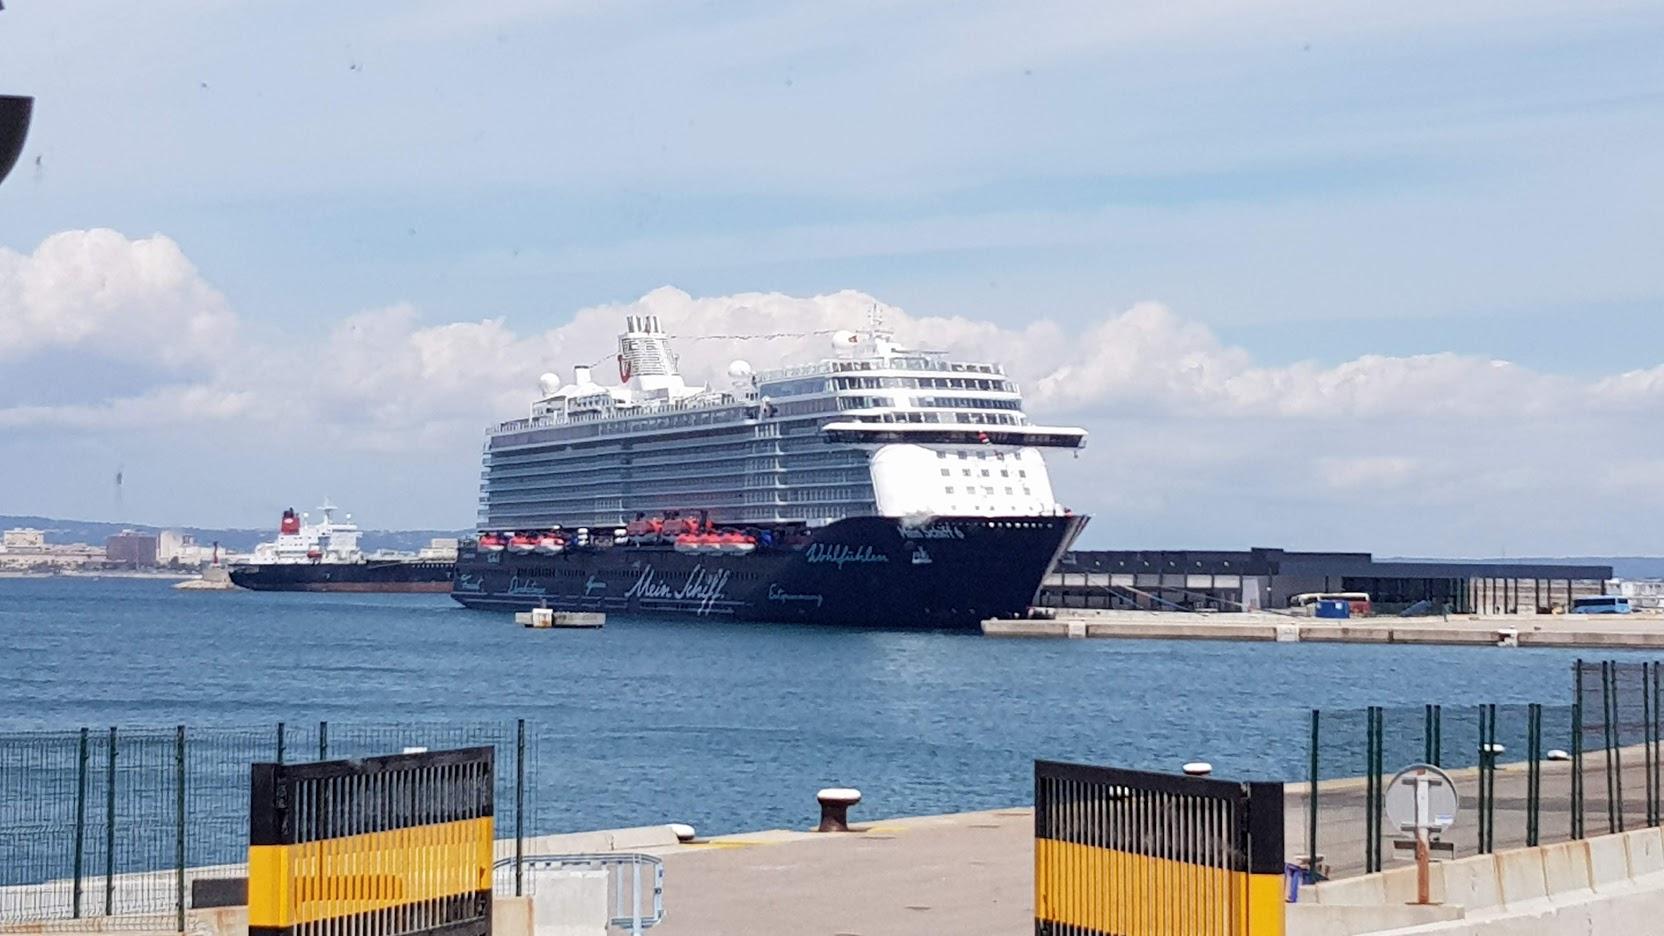 Die Mein Schiff 6 im Hafen